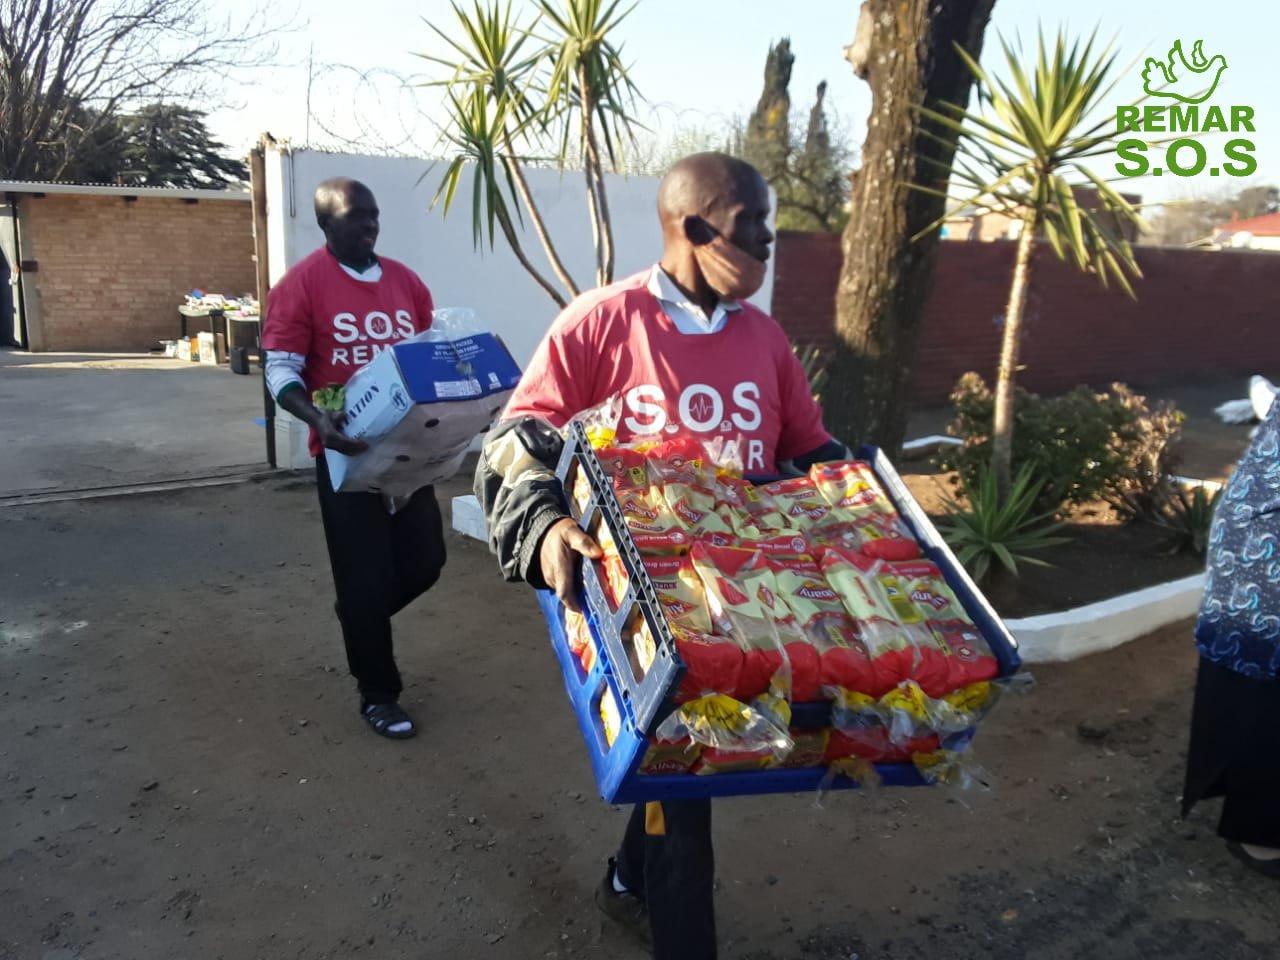 Projetos de apoio social incondicional SOS